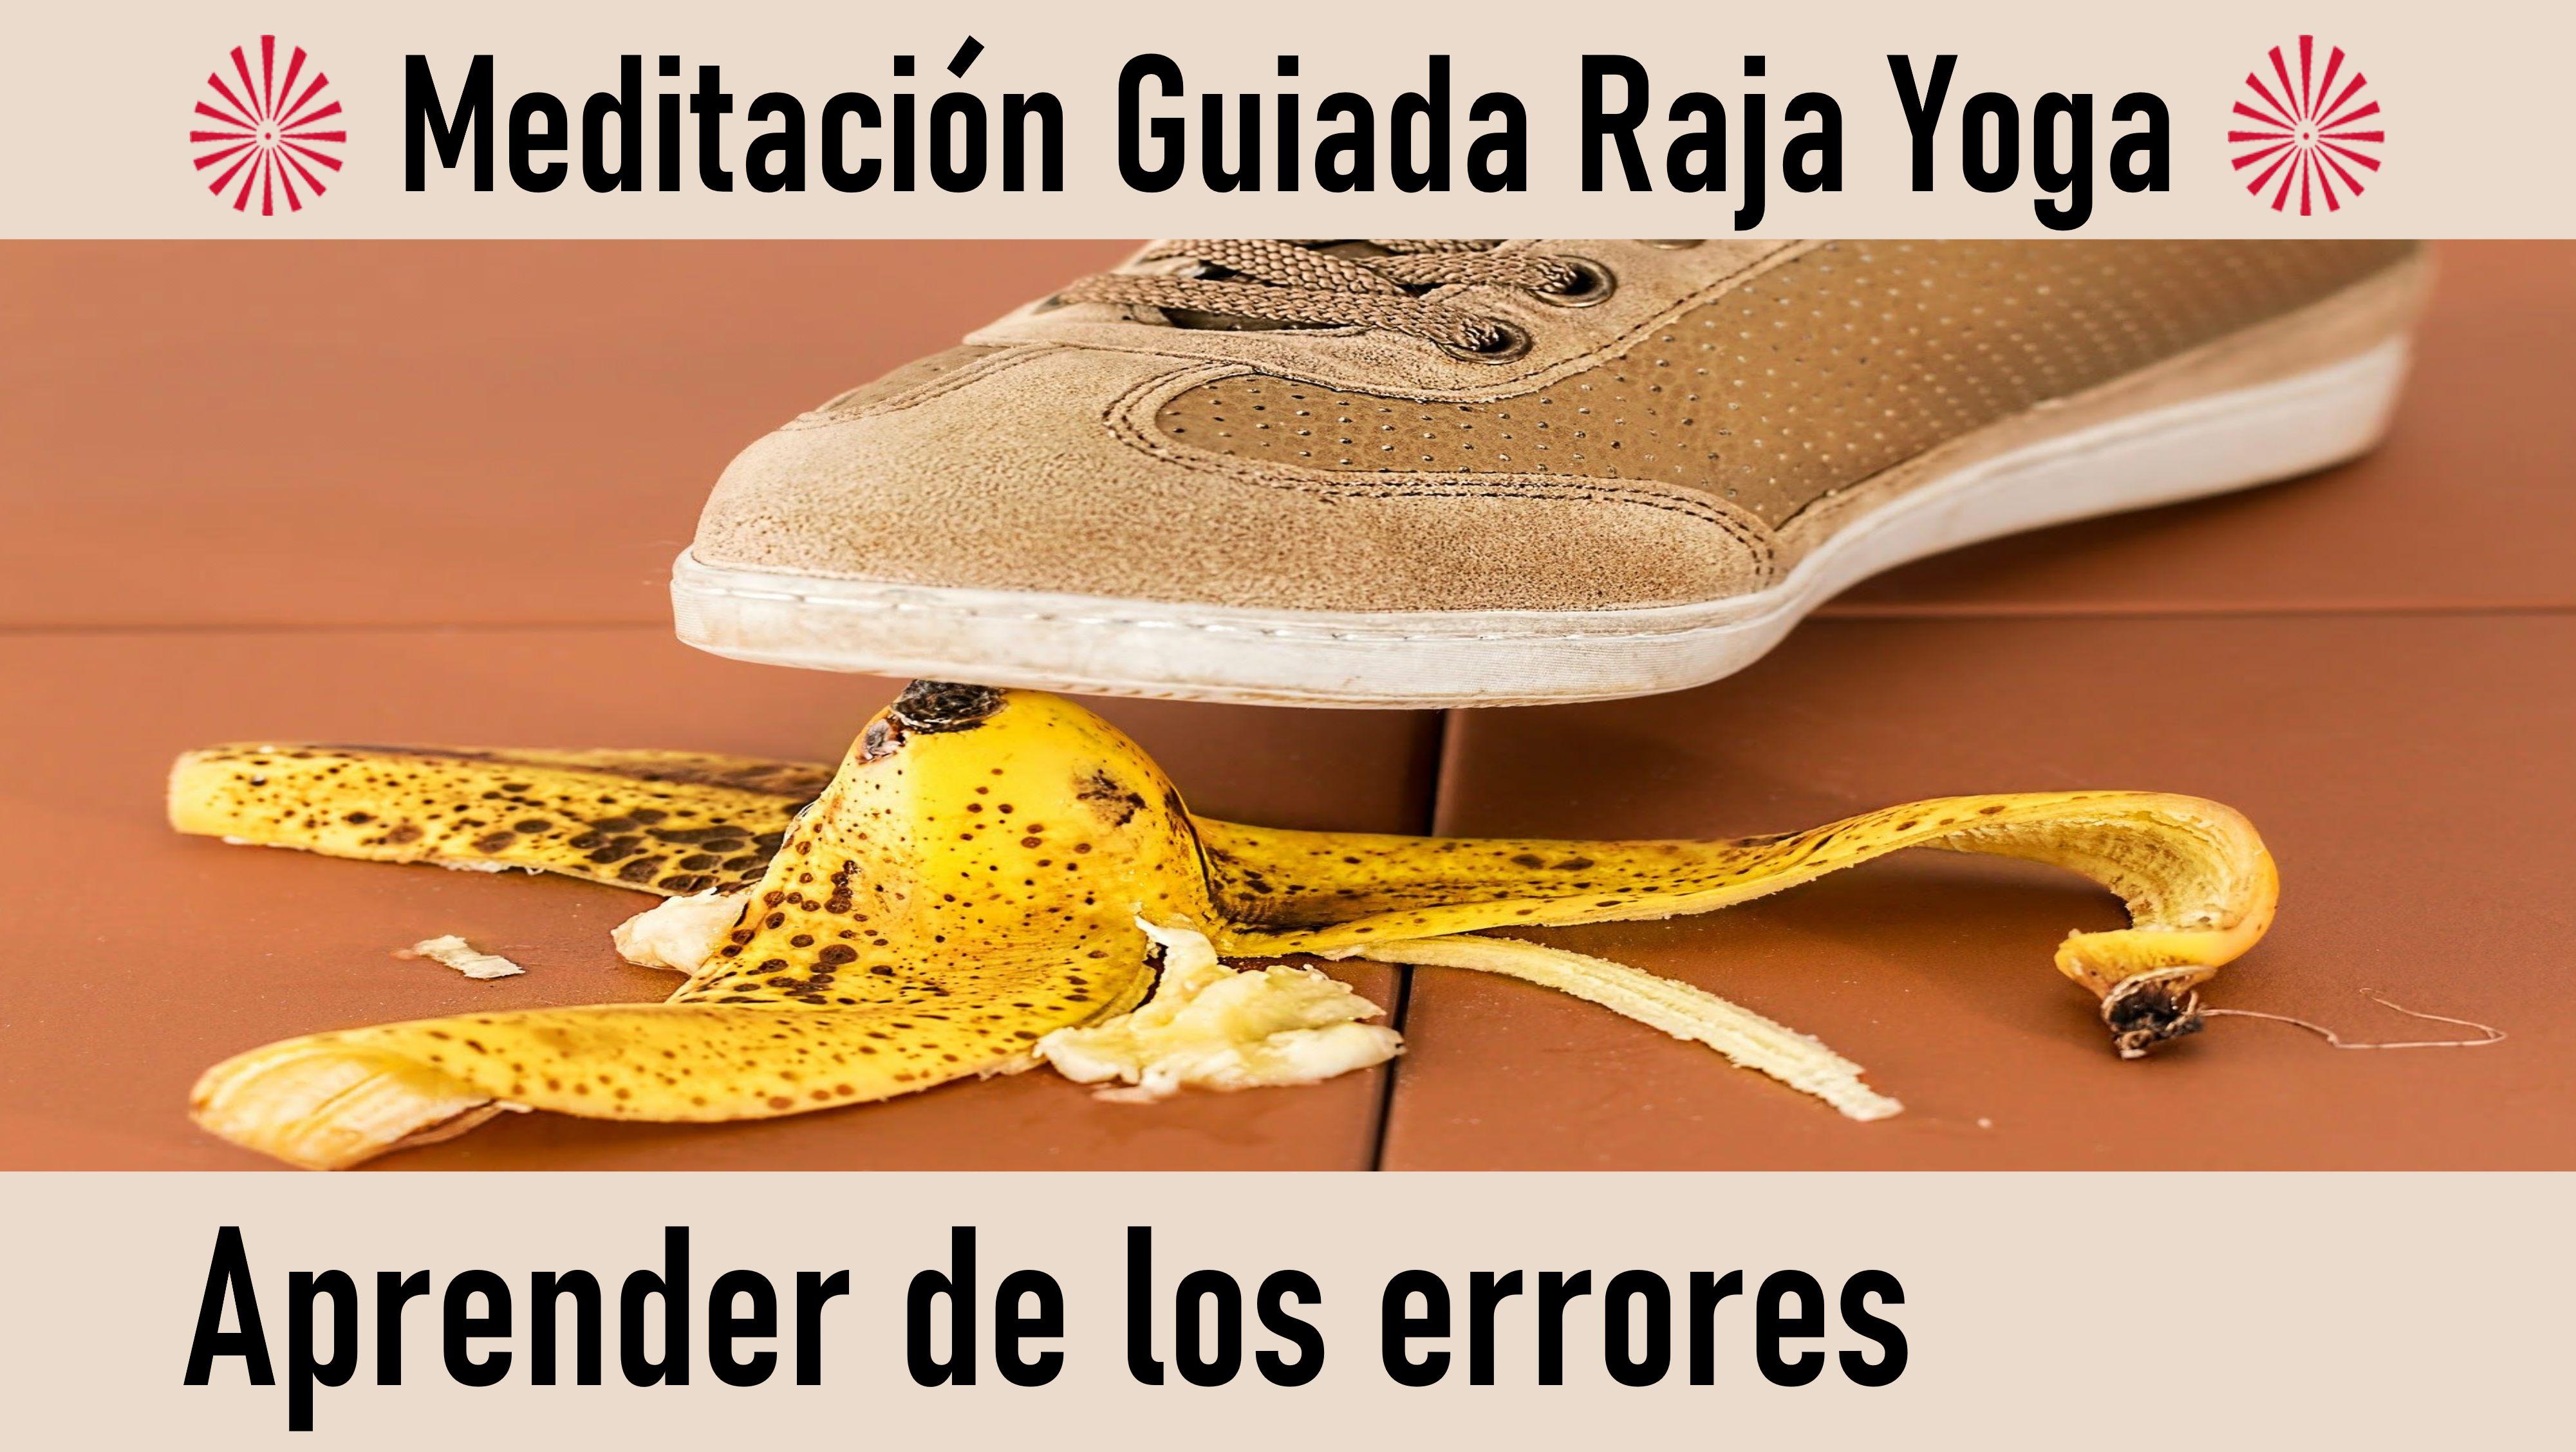 Meditación Raja Yoga: Aprender de los errores (9 Septiembre 2020) On-line desde Sevilla